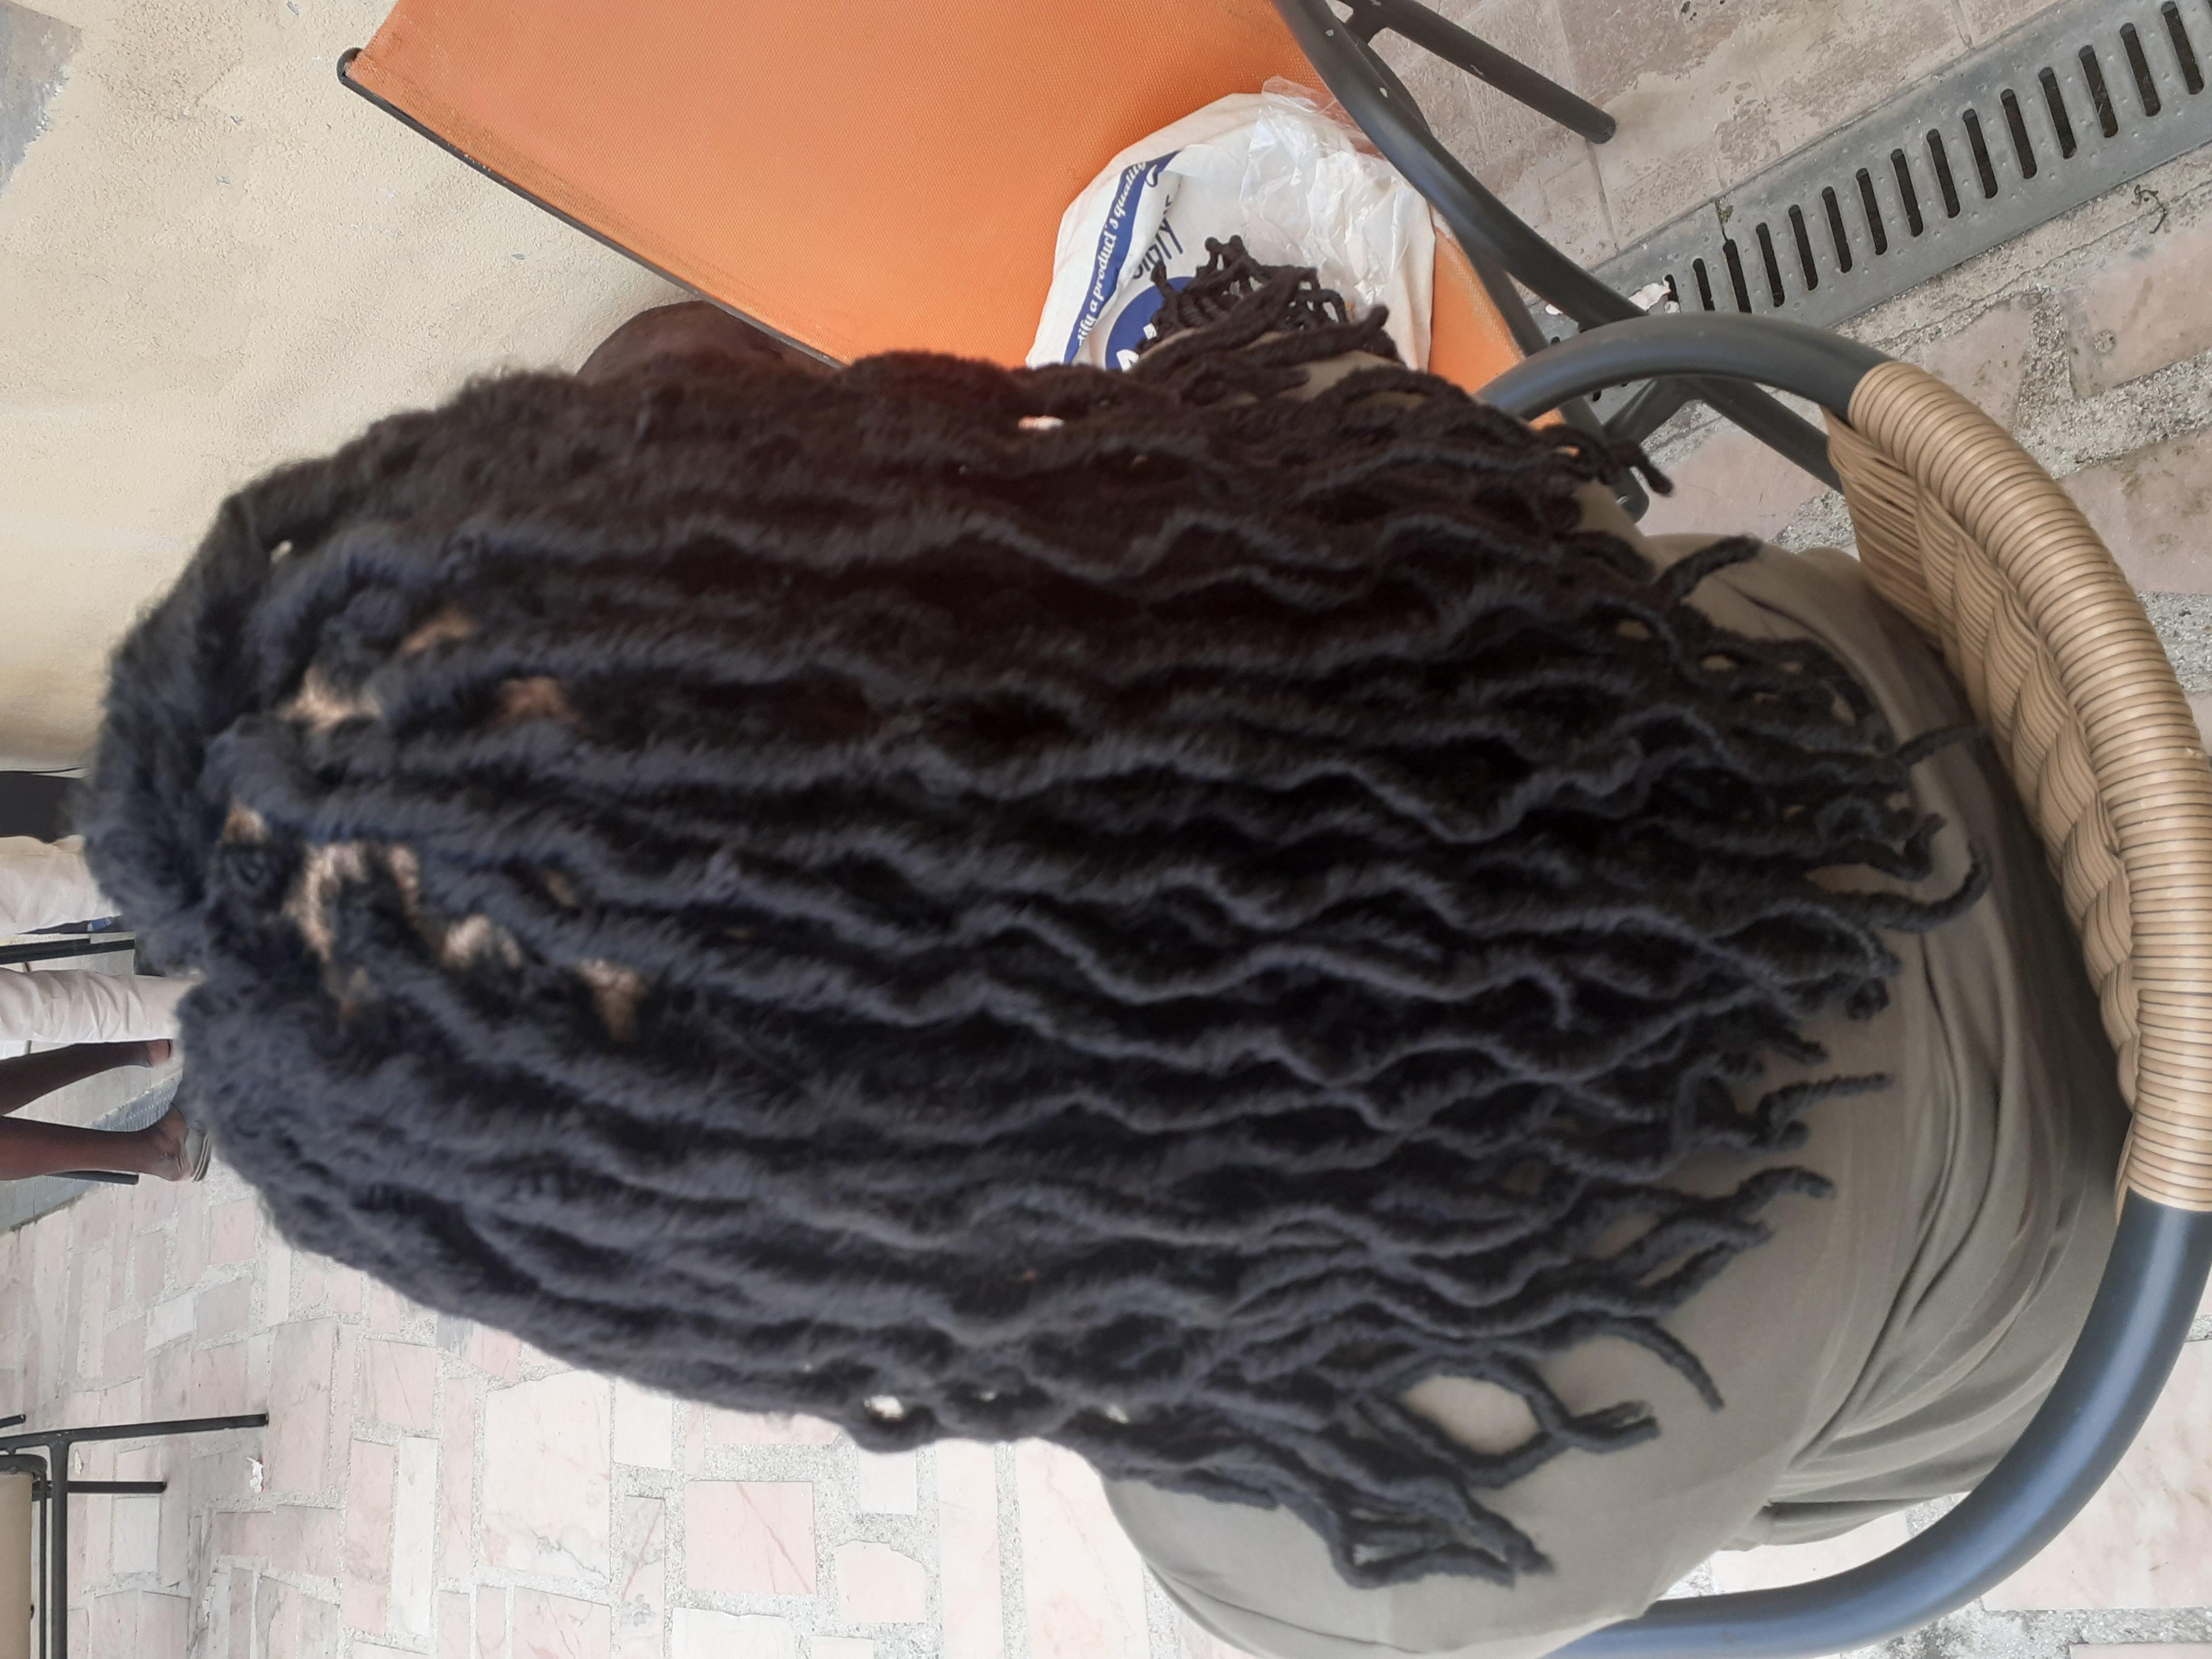 salon de coiffure afro tresse tresses box braids crochet braids vanilles tissages paris 75 77 78 91 92 93 94 95 ADCNQWJJ